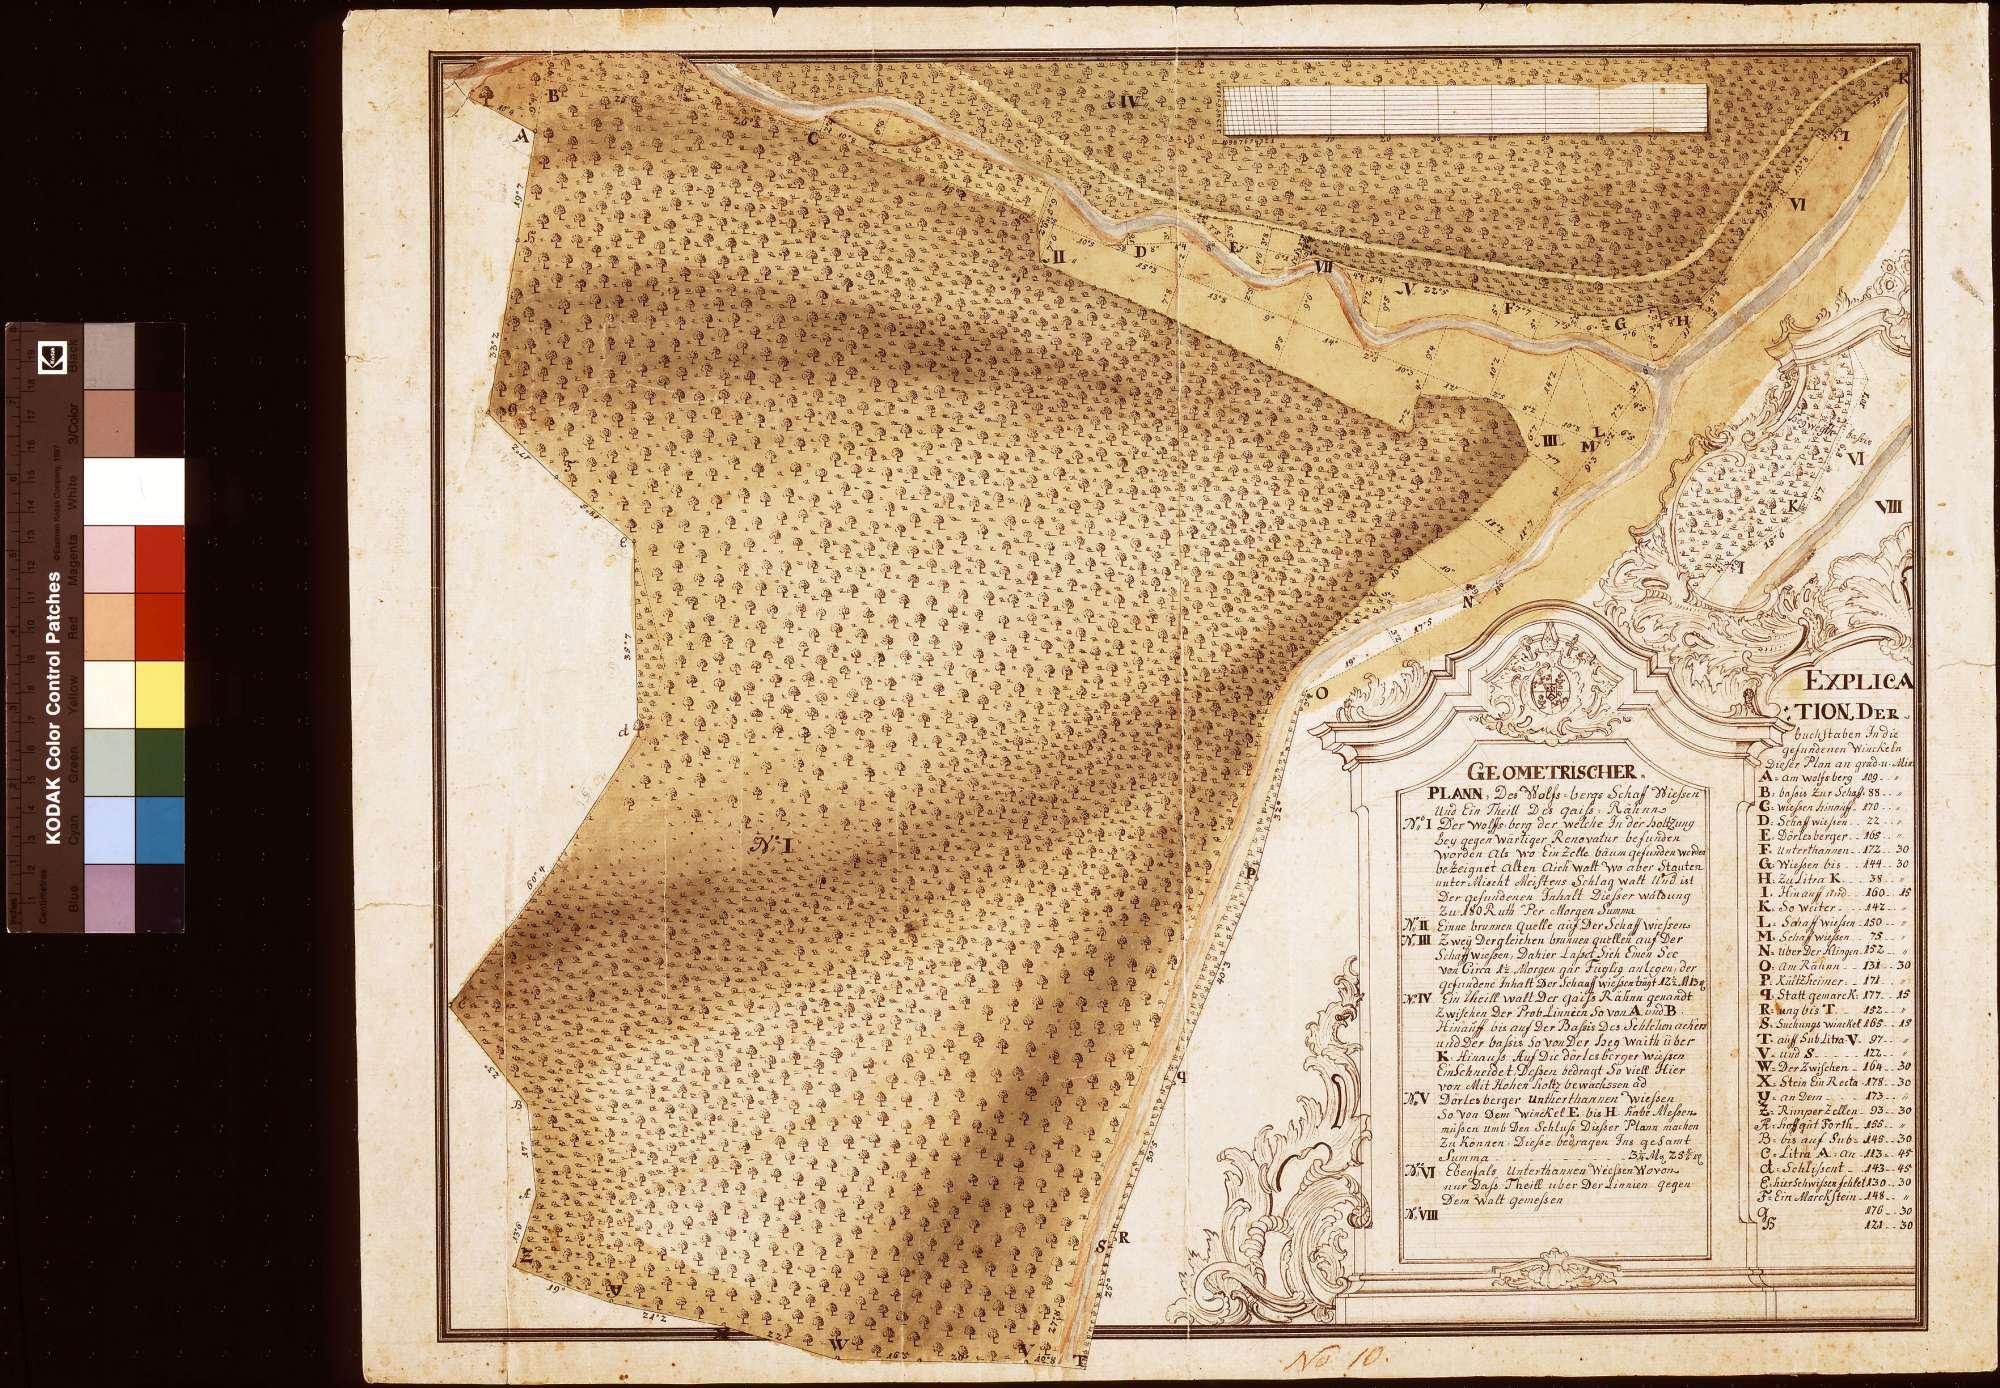 [Geometrischer Plan des Wolfsbergs, der Schafwiesen und eines Teils des Geißrains] (Inselkarte), Bild 1